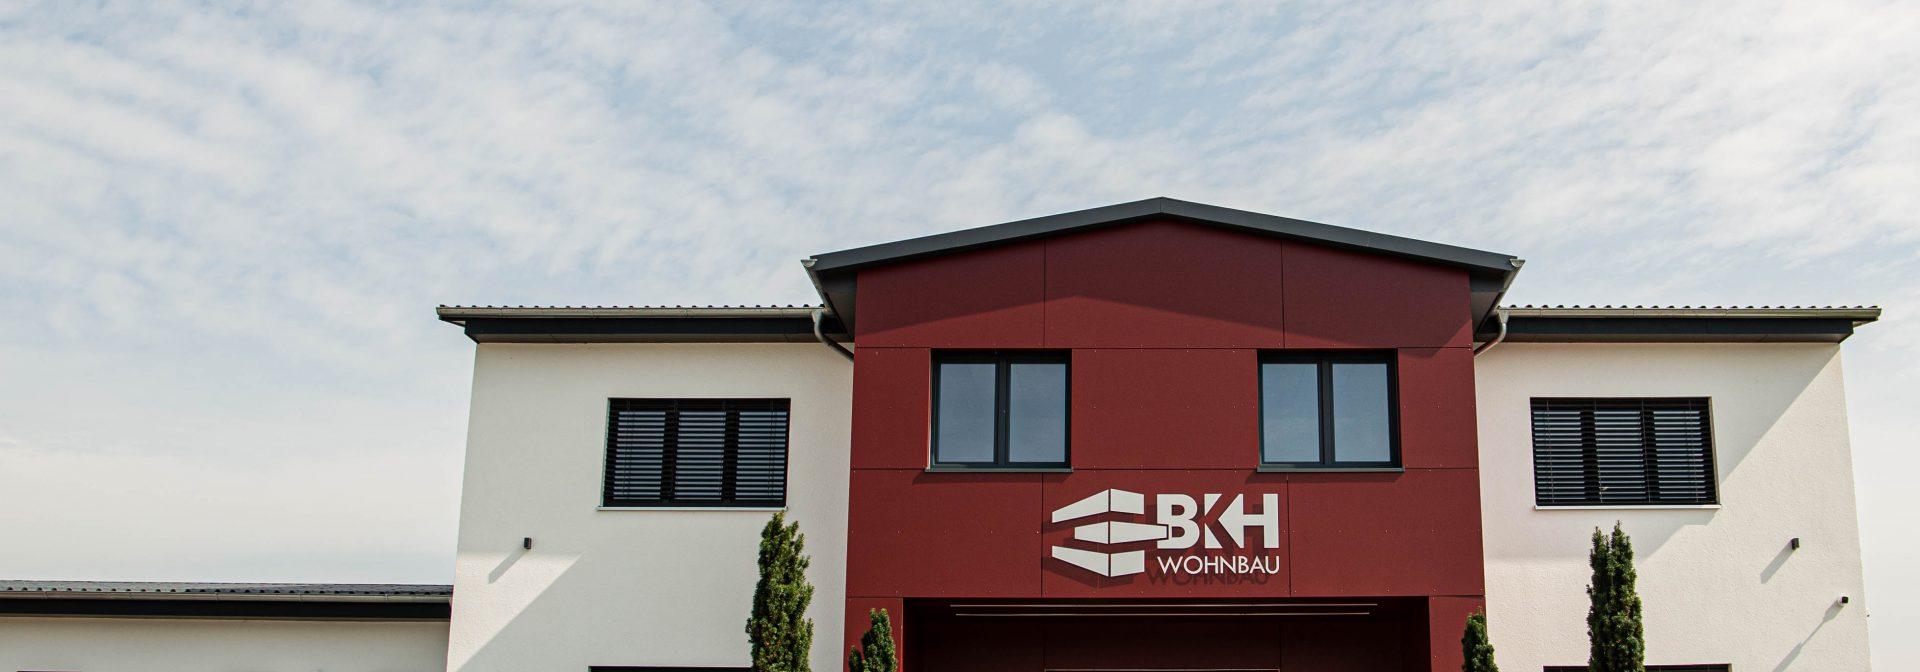 BKH_Gebäude-17